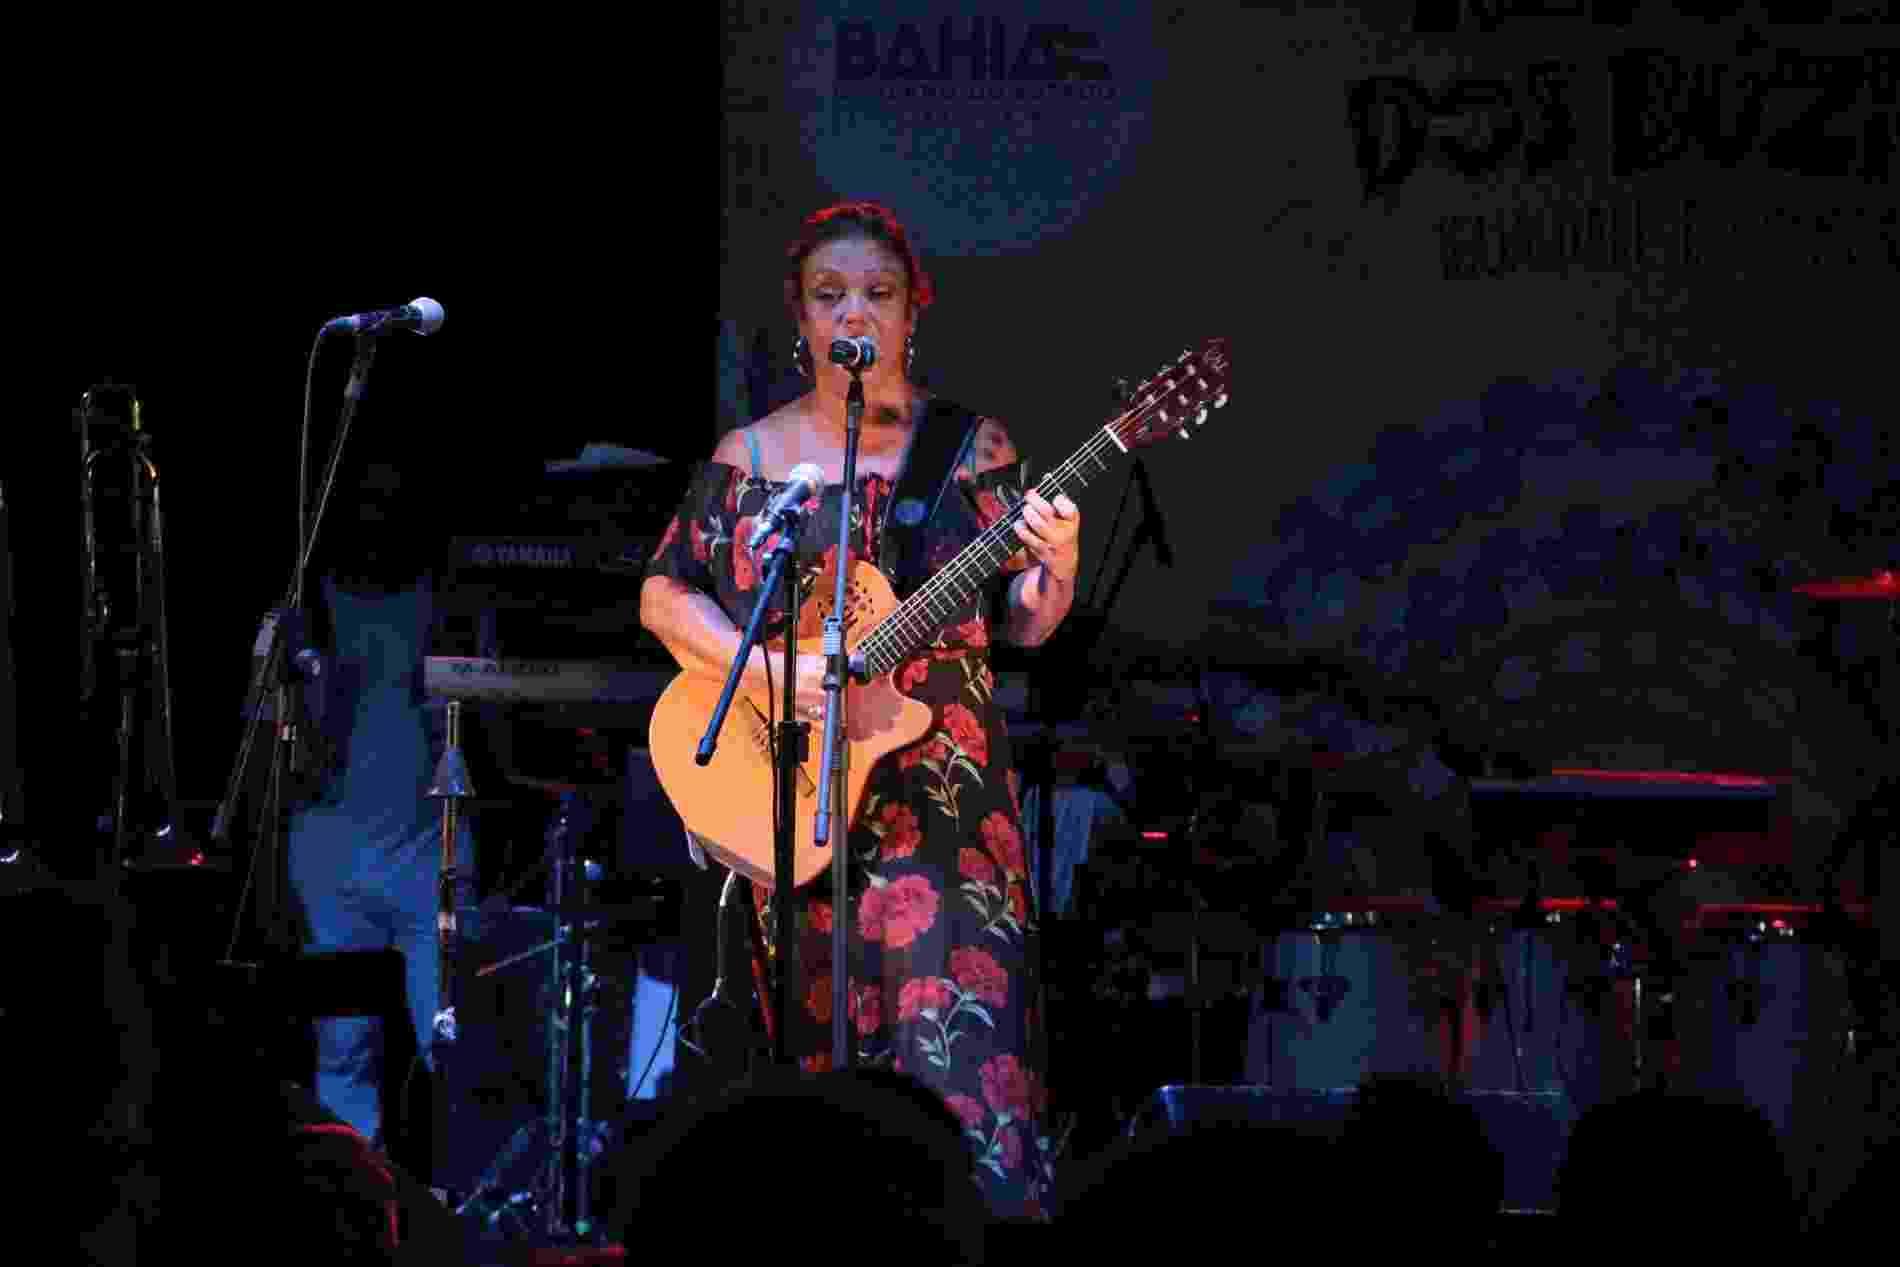 Mônica Sangalo, irmã de Ivete Sangalo, se apresenta no Pelourinho, em Salvador - Jc Pereira e Thiago Martins/AgNews